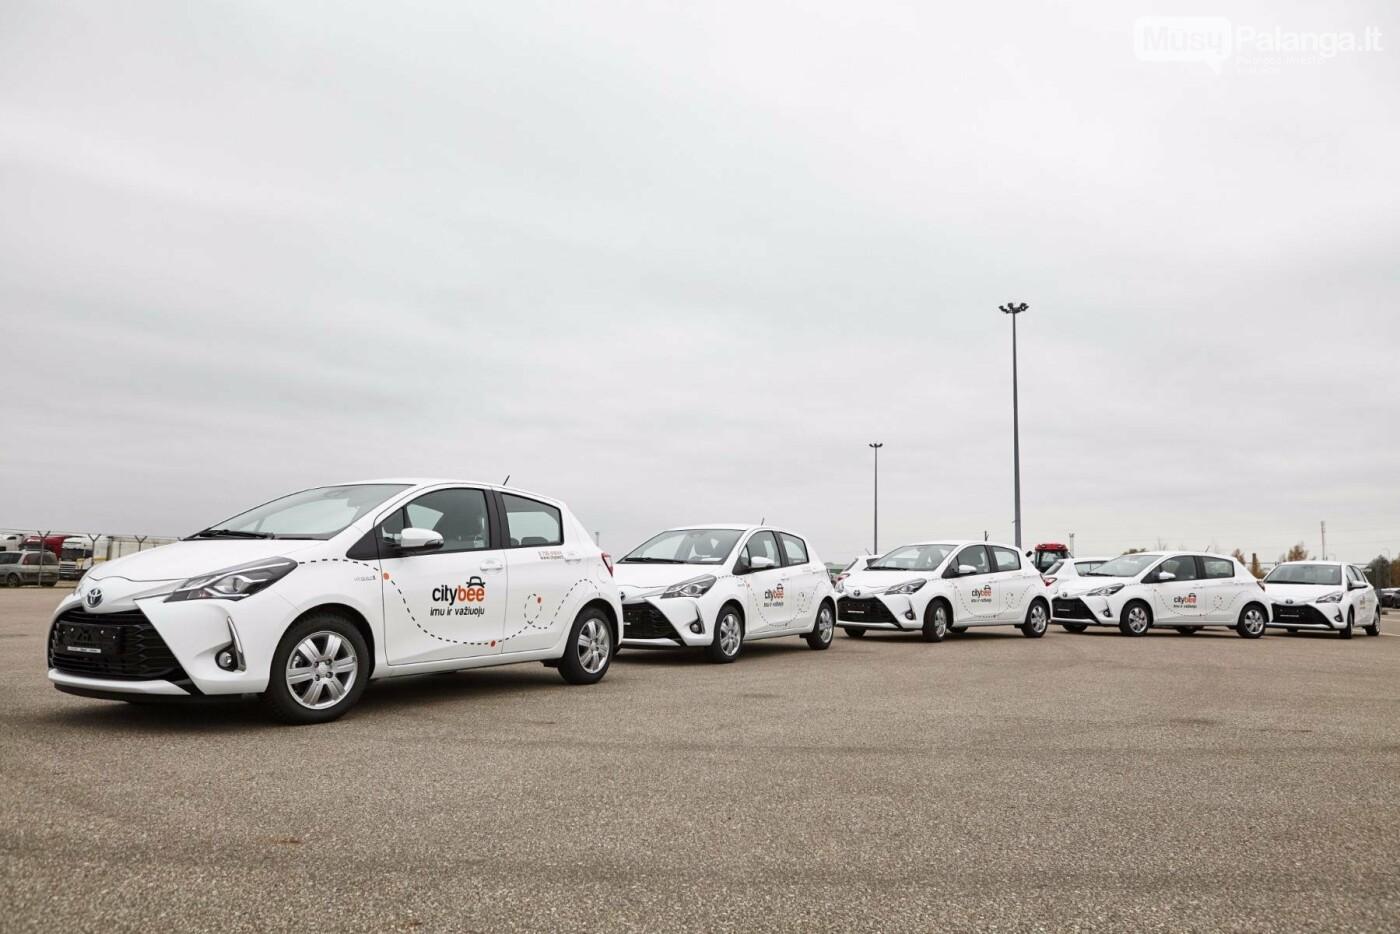 """Džiaugsmas vairuotojams ir aplinkai: """"CityBee"""" savo automobilių parką papildė naujais hibridais , nuotrauka-2"""